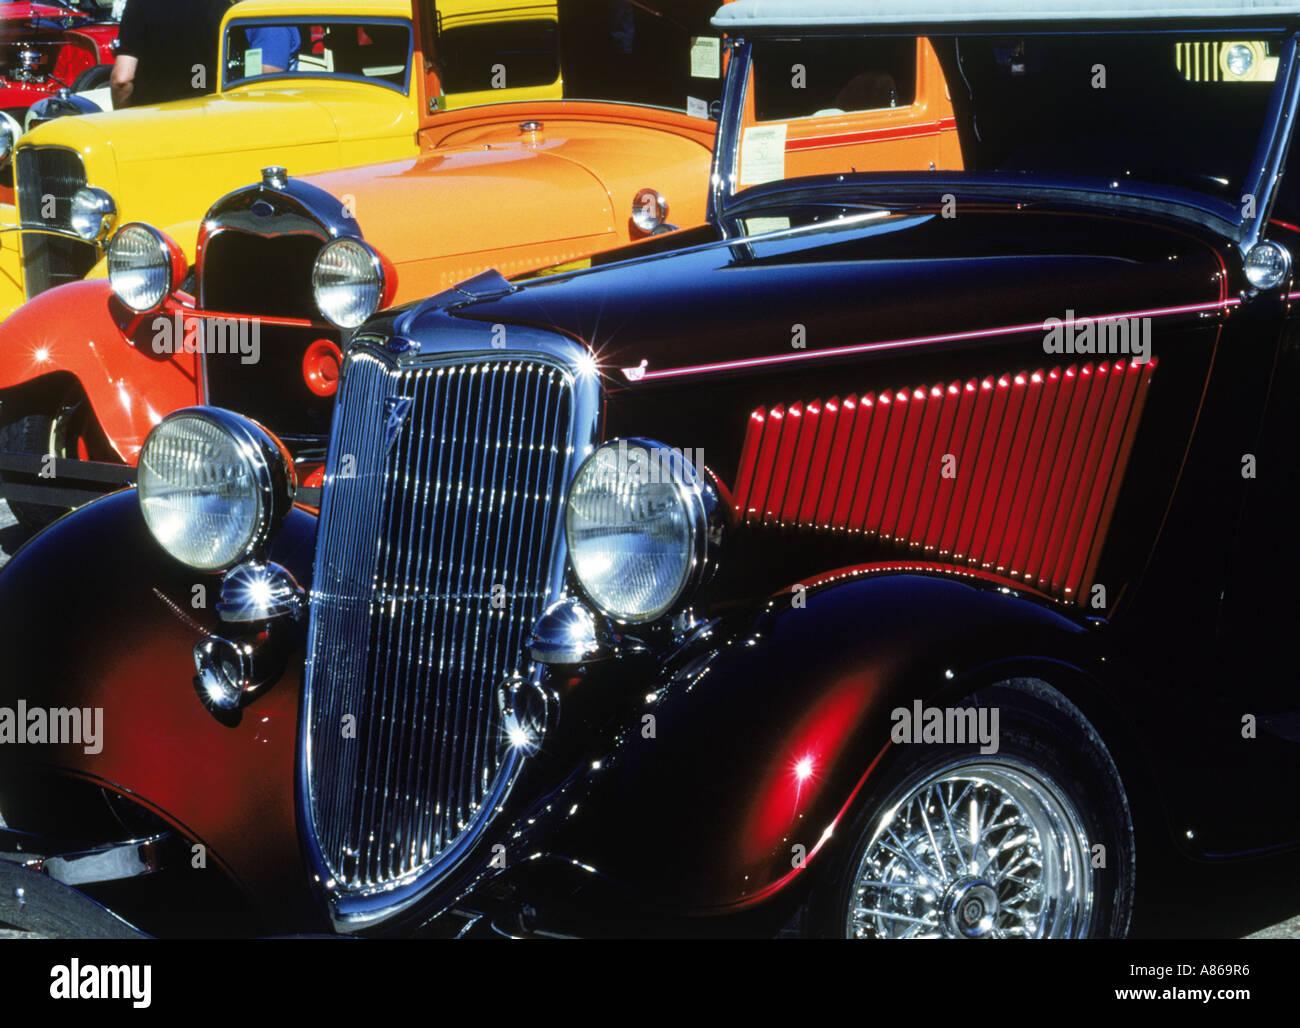 Bunt bemalten klassischen alten Ford Autos aus den 1940-50er Jahre Stockbild